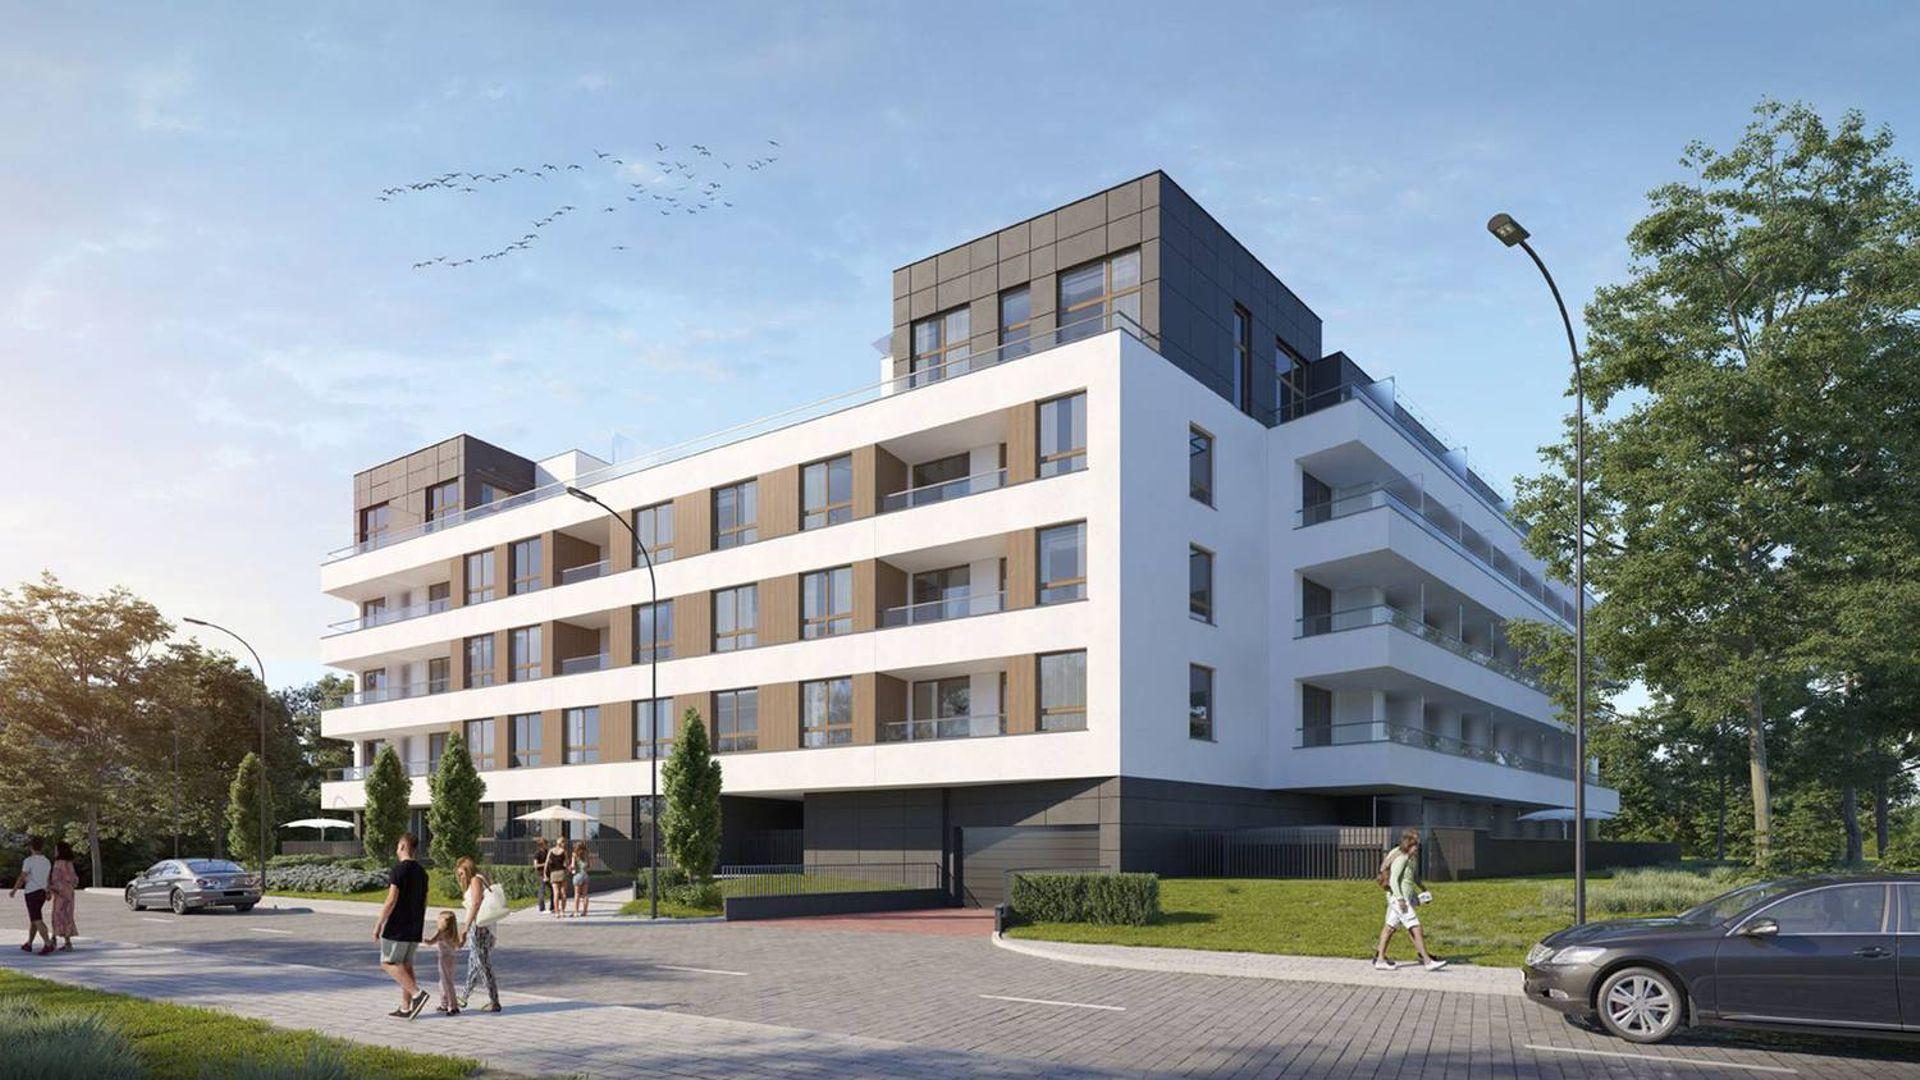 Warszawa: Metro Park – Home Invest zrealizuje na granicy Bielan i Żoliborza ponad sto mieszkań